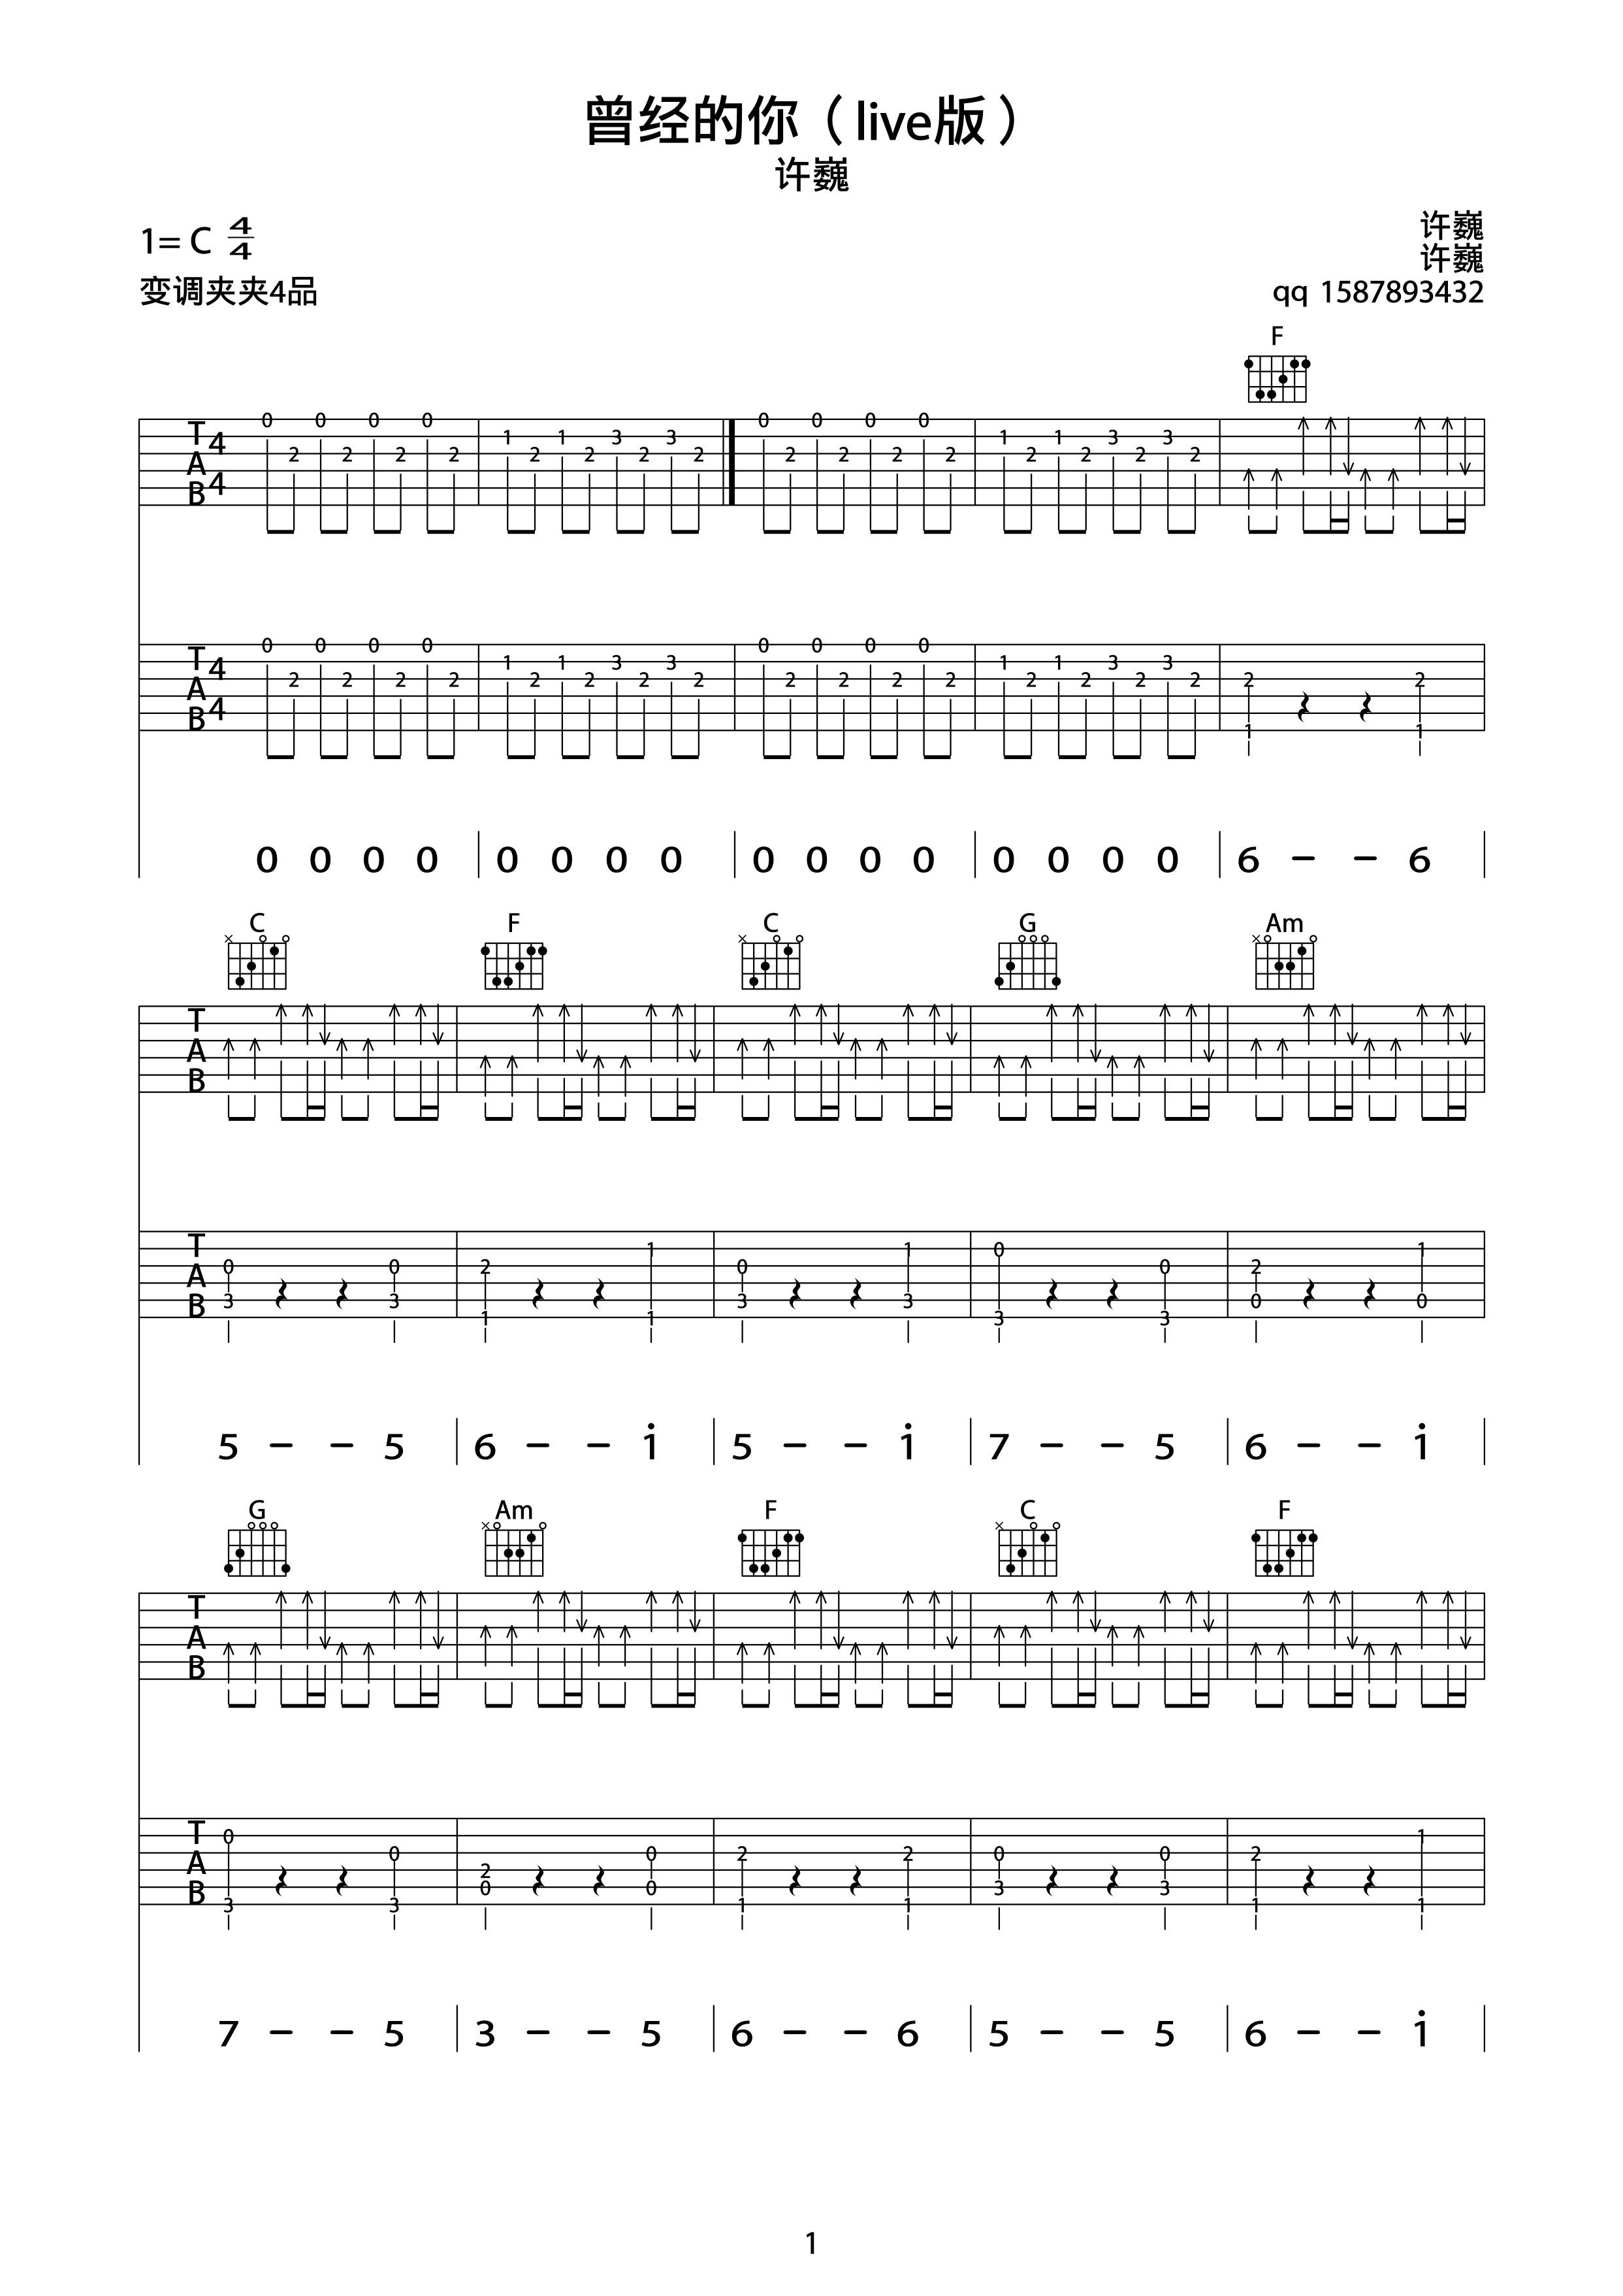 曾经的你吉他谱 许巍 (live版)c调双吉他伴奏